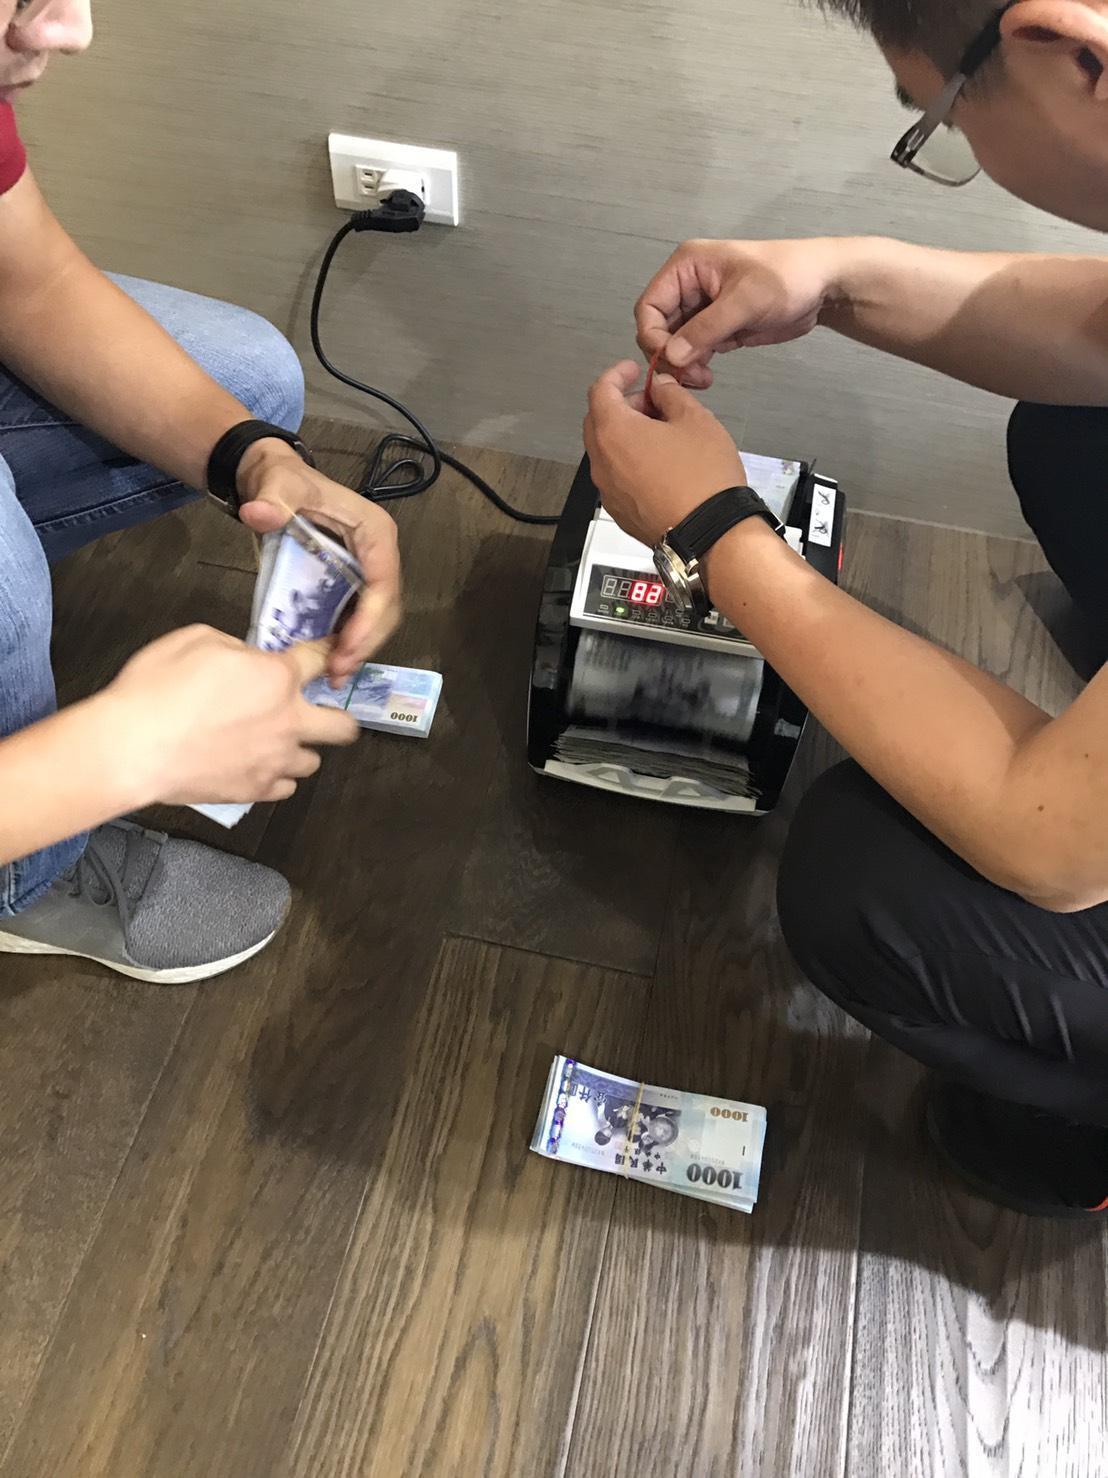 彭嫌自備「點鈔機」清算每週賭資。(警方提供)